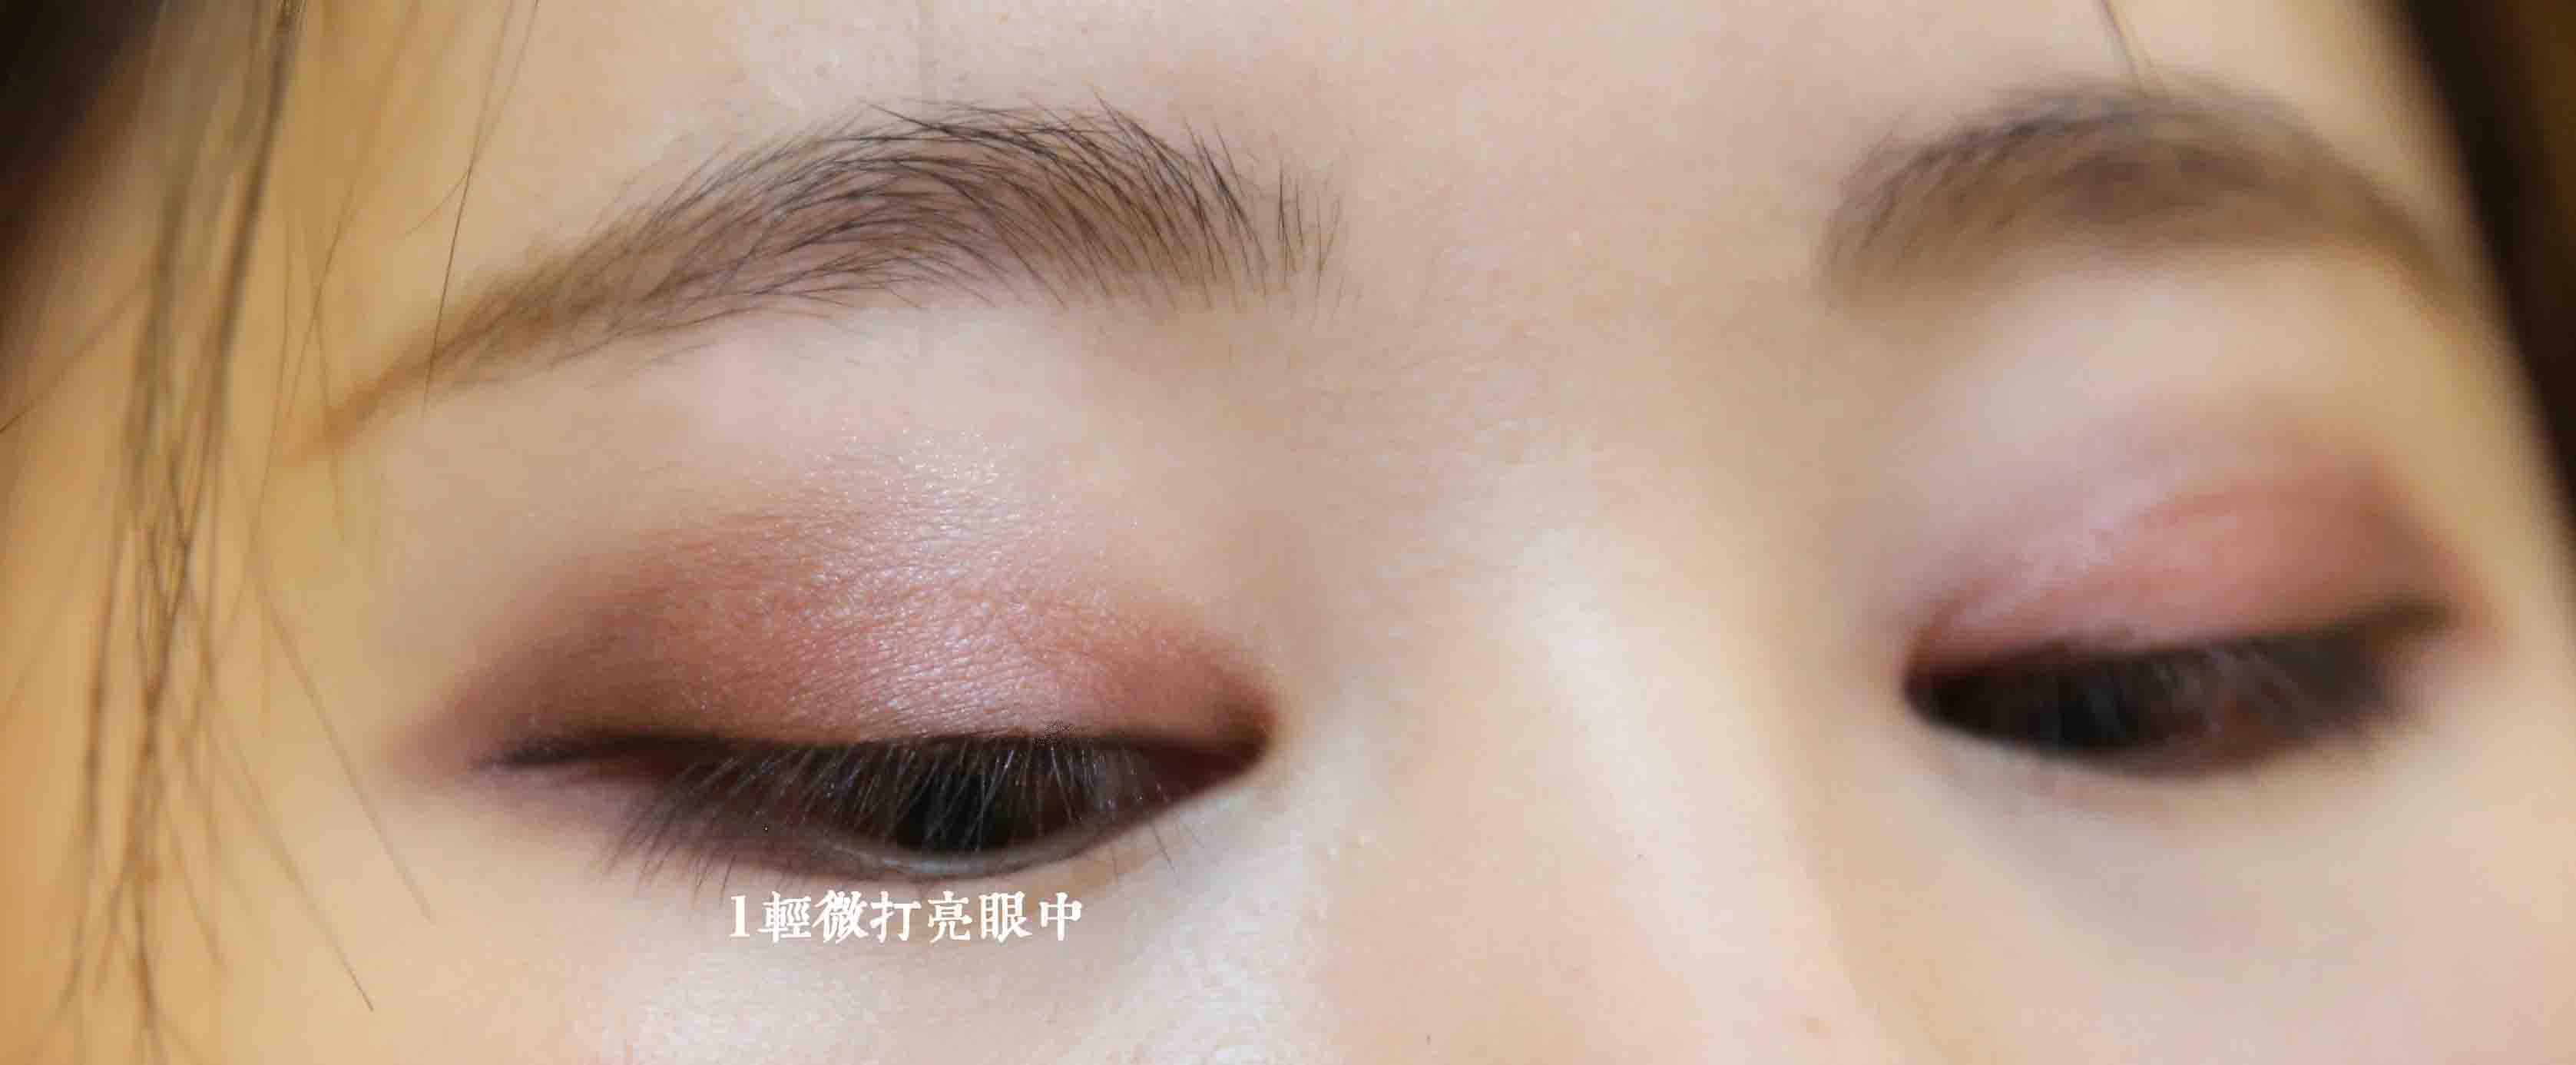 眼影的画法步骤图学生妆